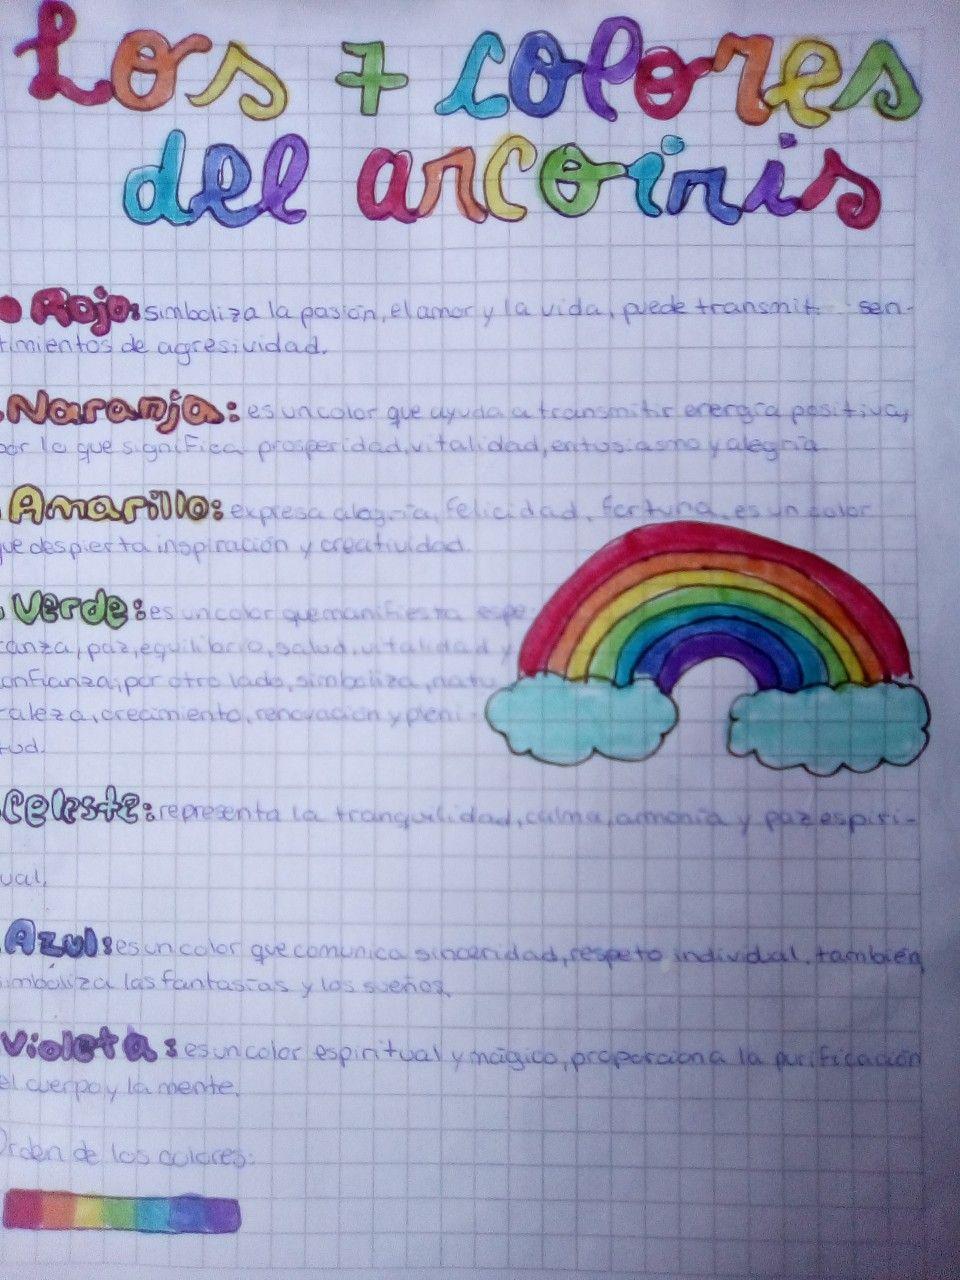 37+ Colores arcoiris orden inspirations